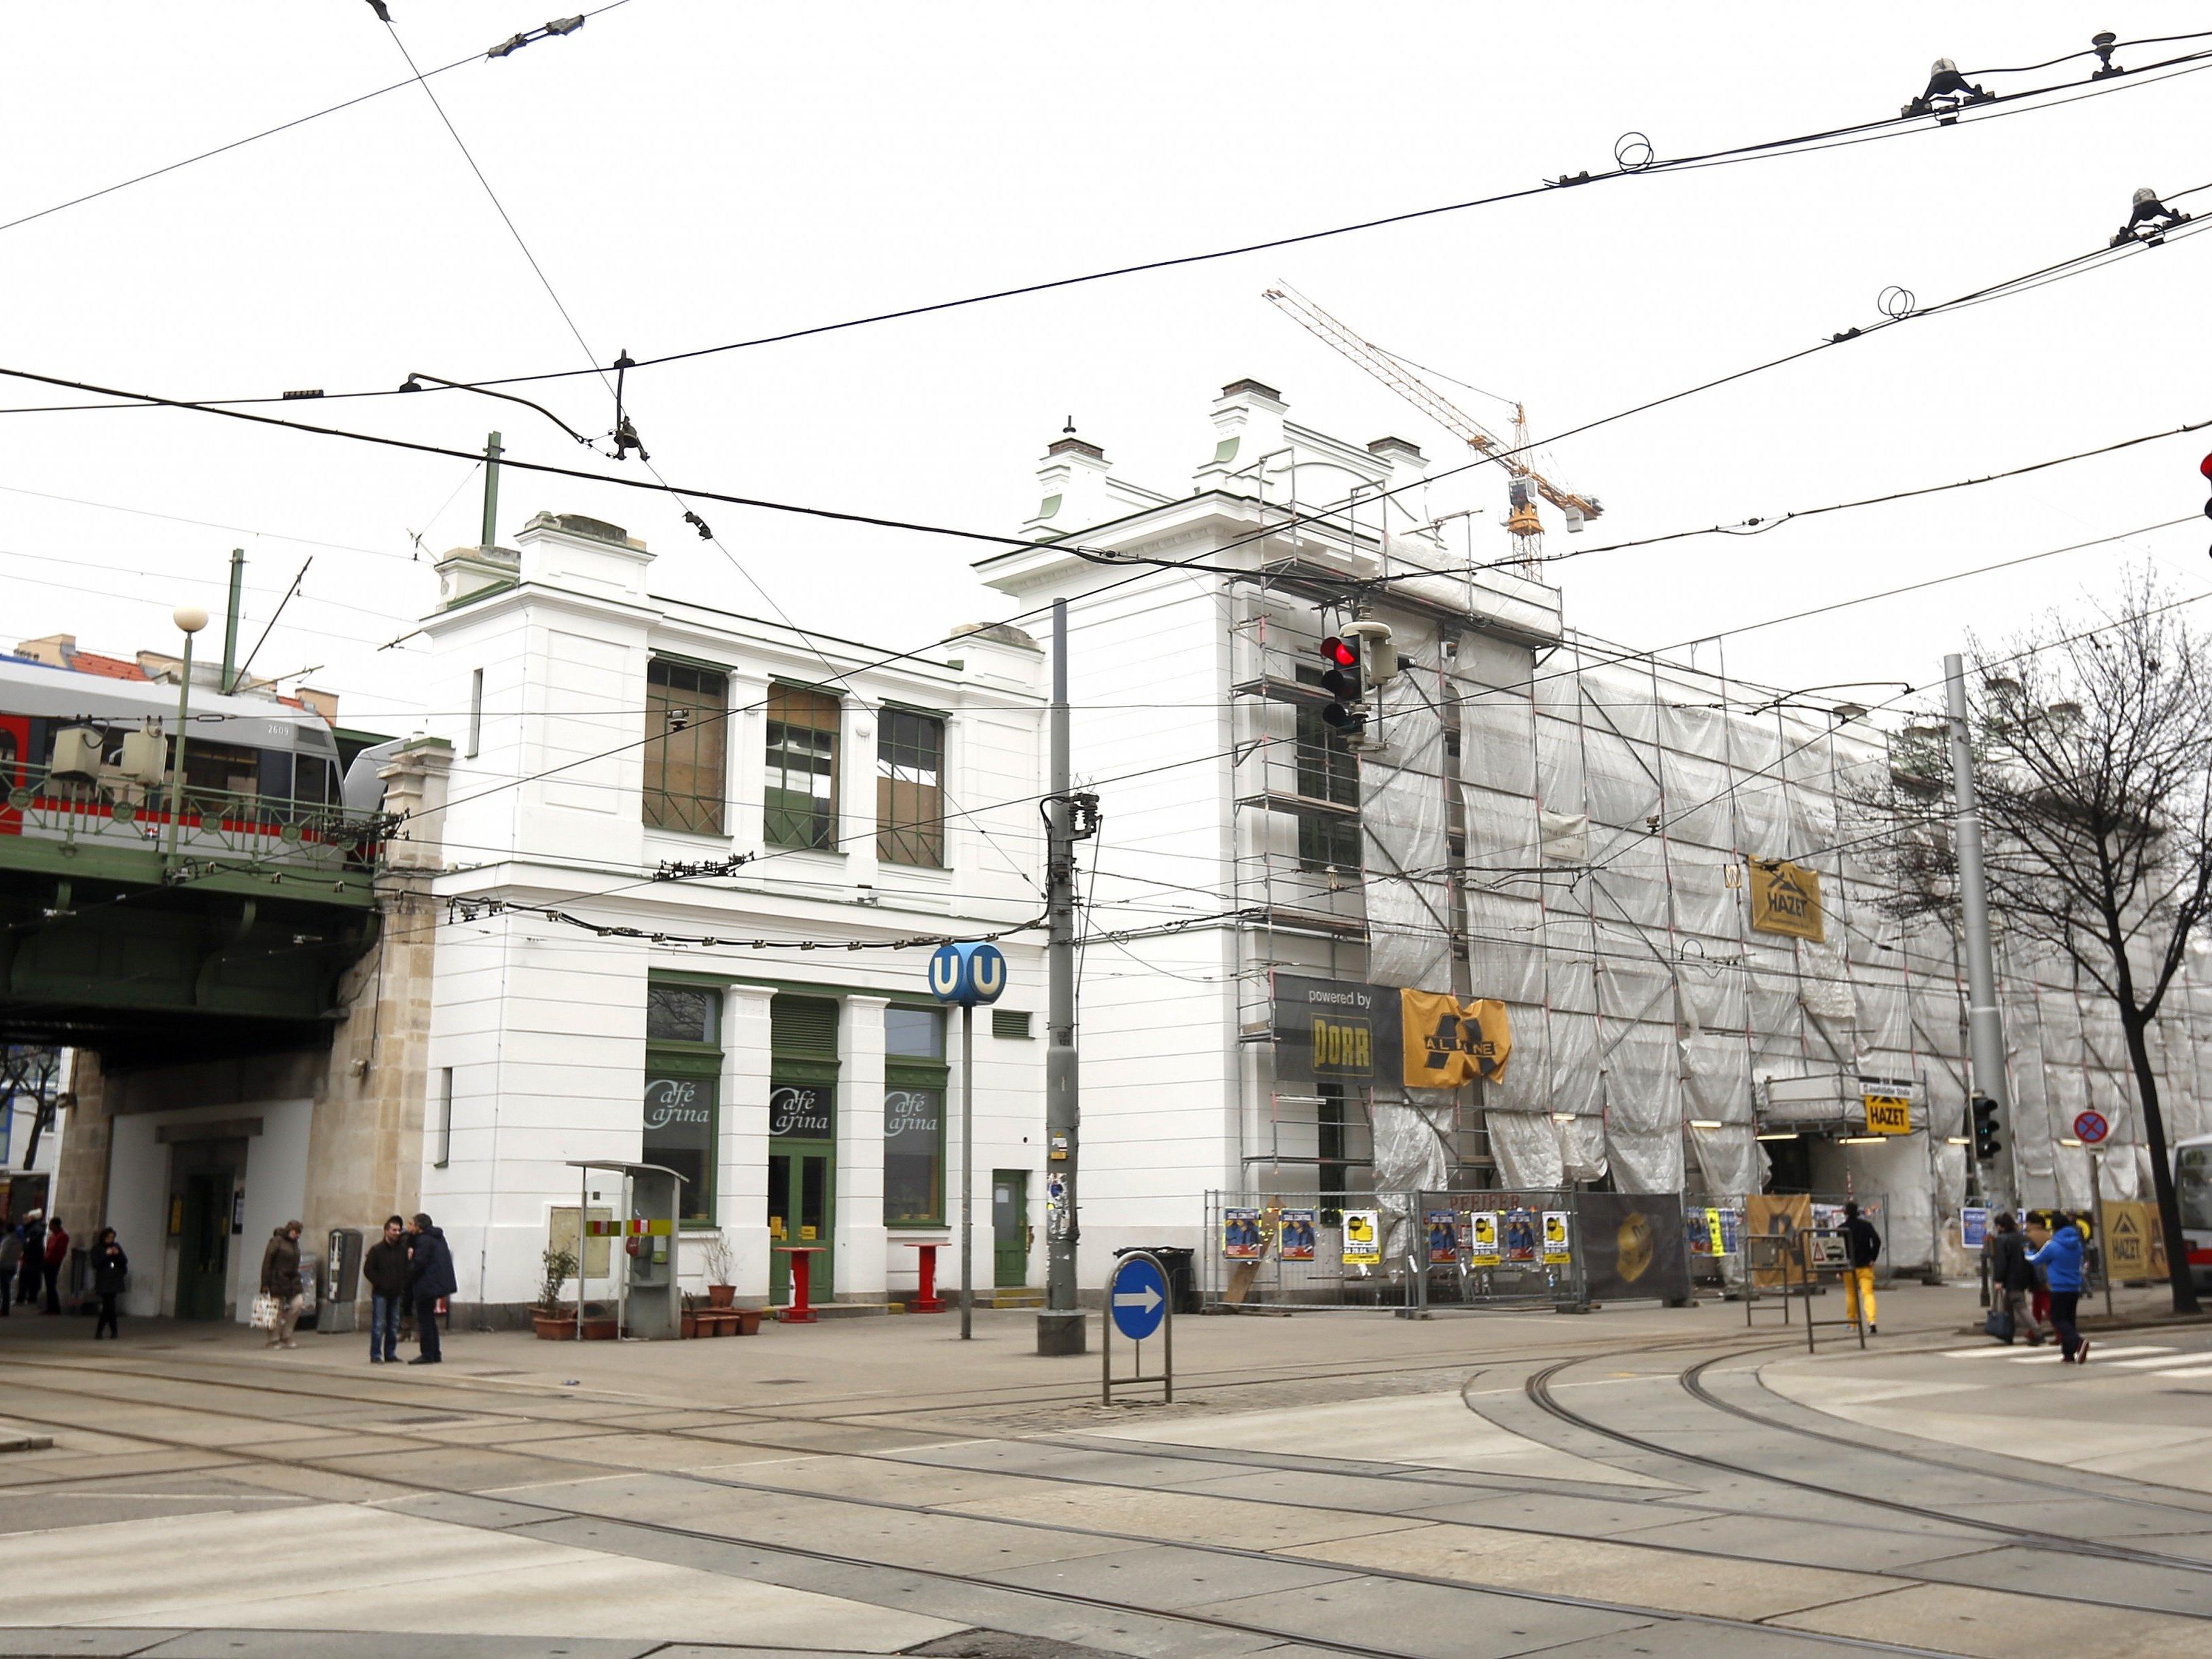 25 Personen gerieten bei der U6-Station Josefstädter Straße in Streit.